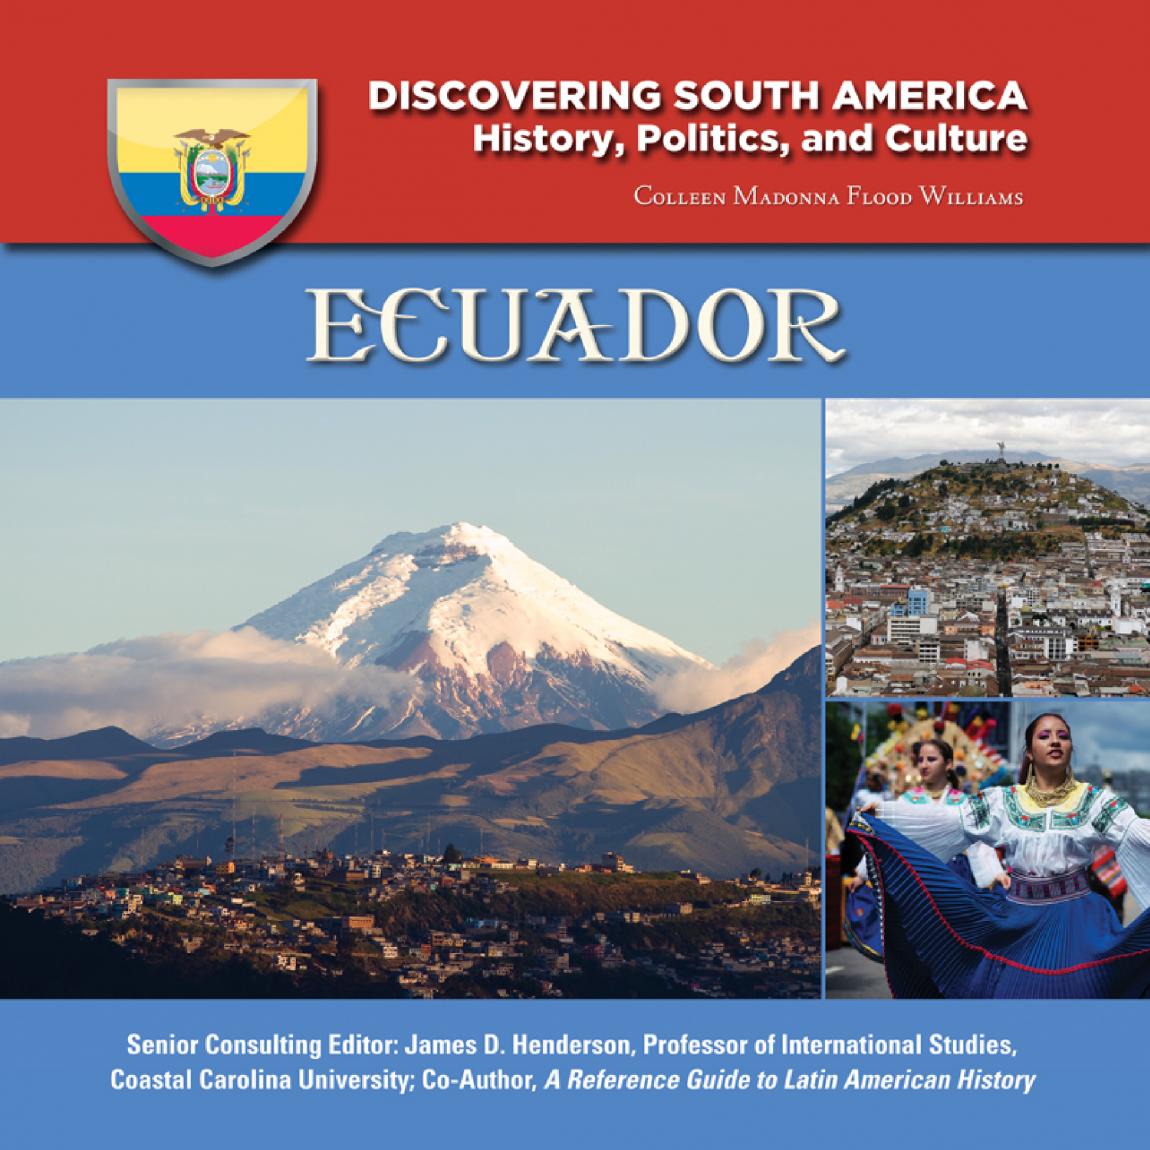 ecuador-01.png